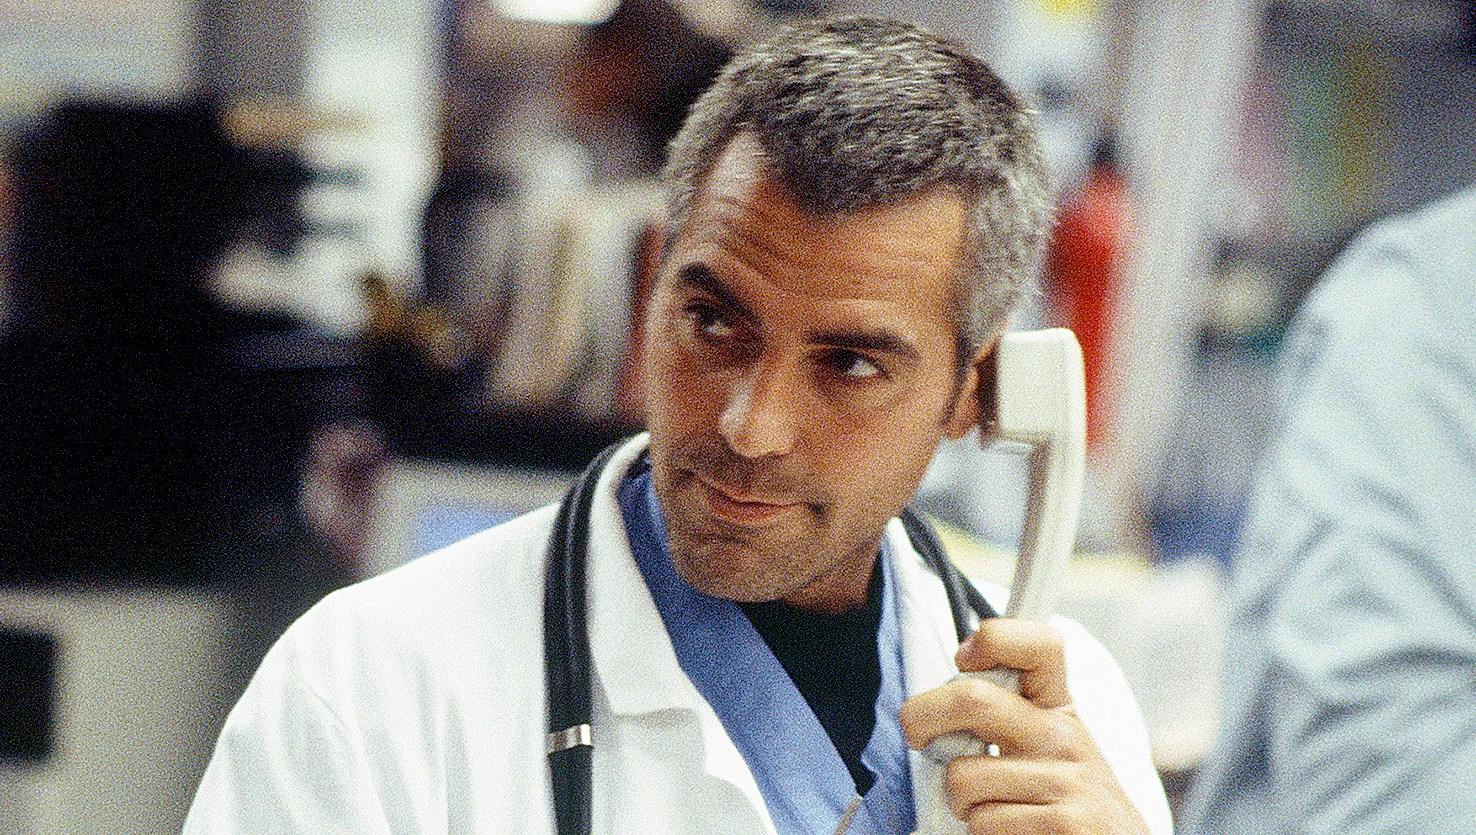 George-Clooney-on-ER